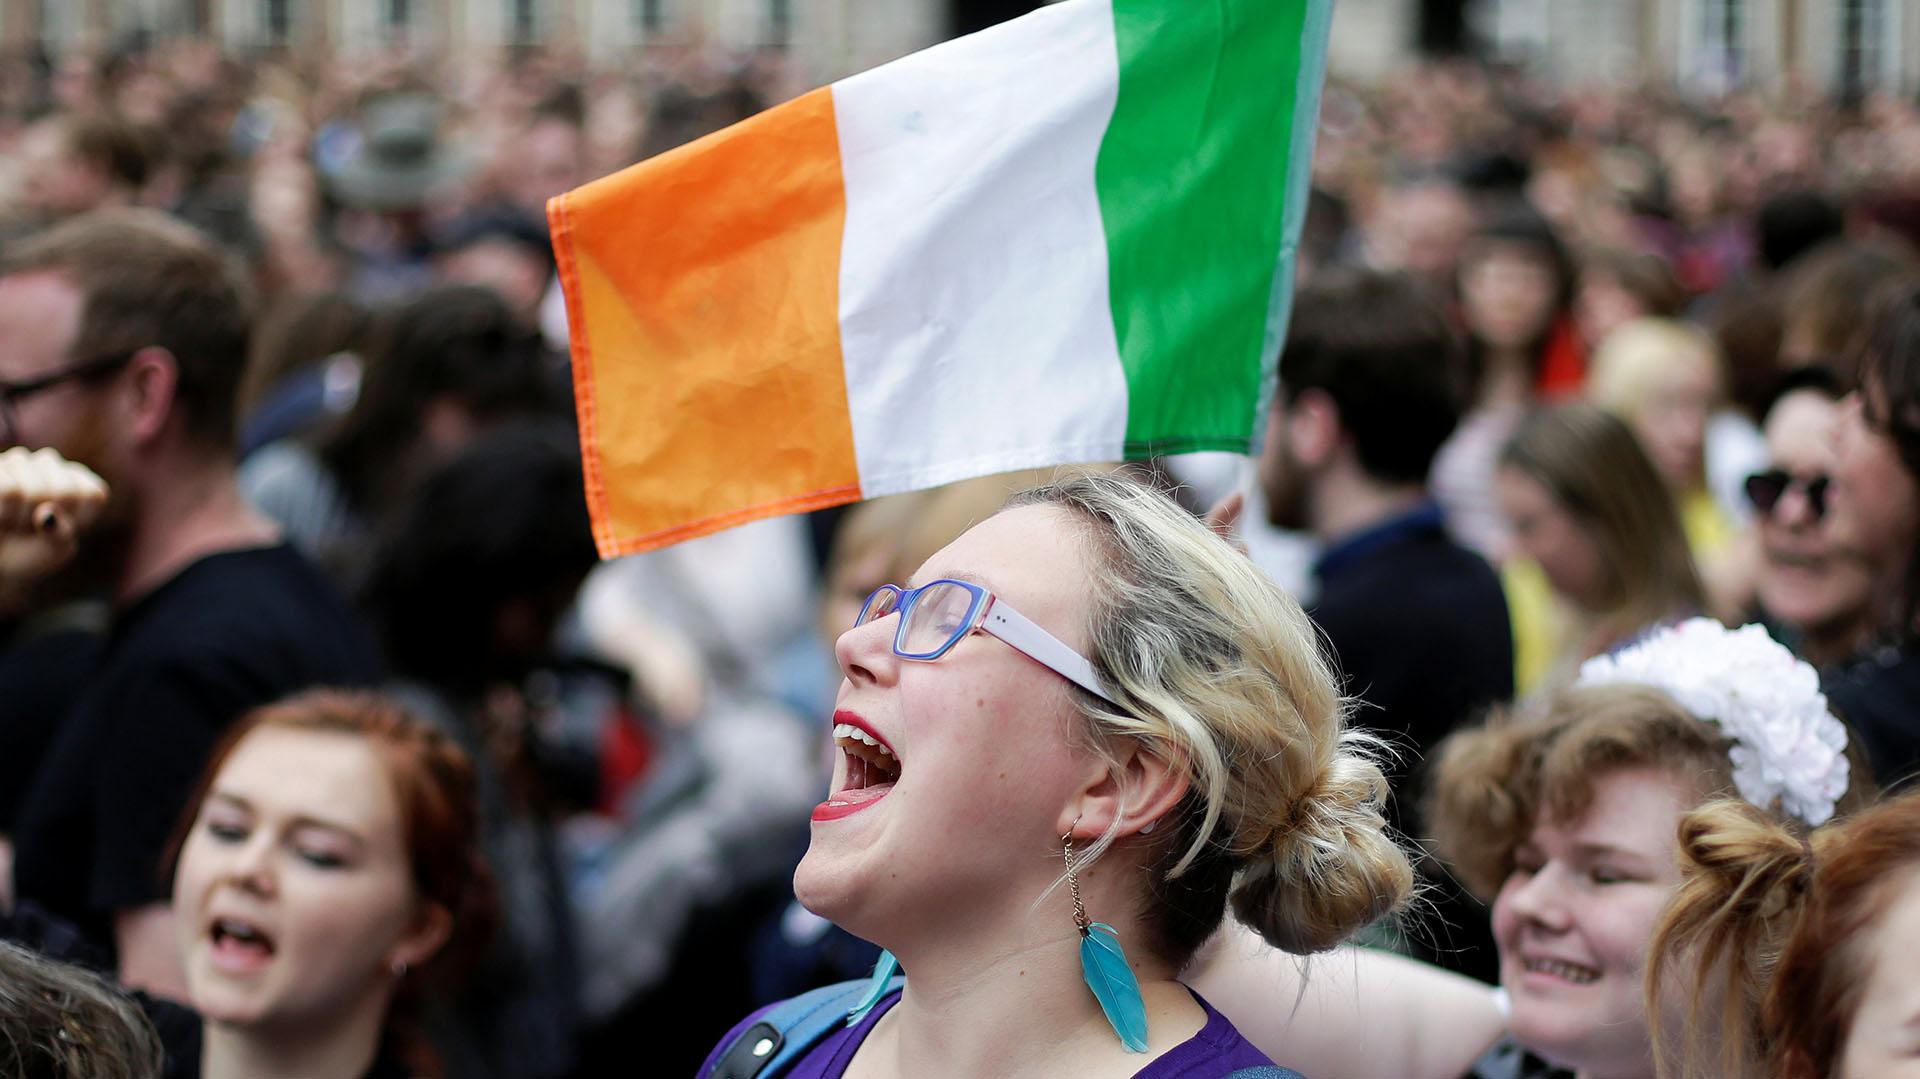 Una mujer junto a una bandera de Irlanda, en los festejos en Dublin por la legalización del aborto (REUTERS/Max Rossi)